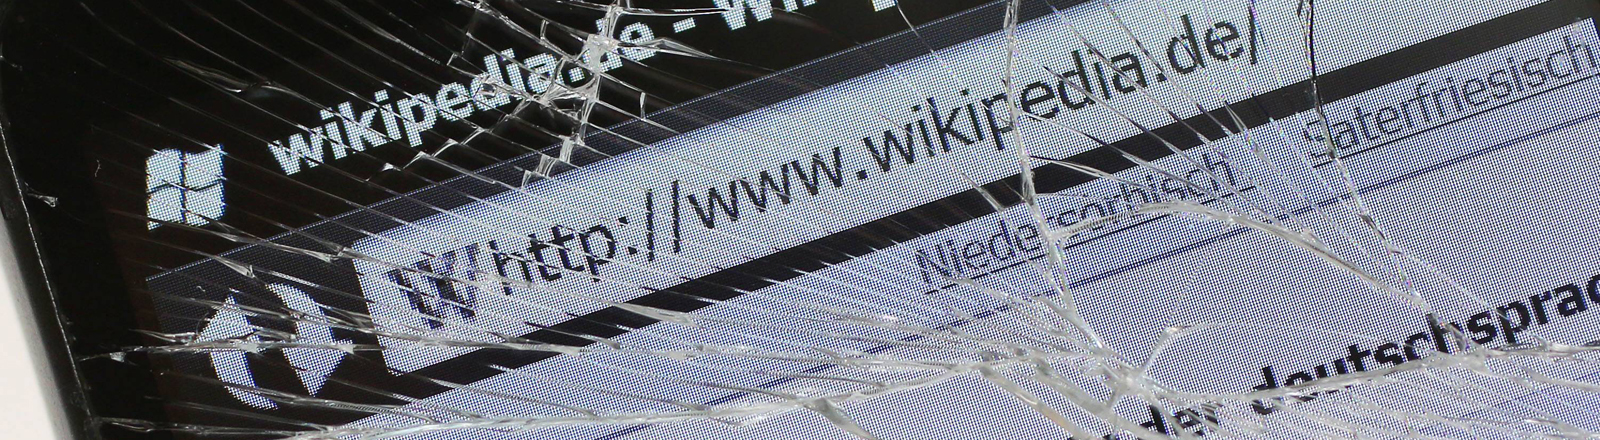 Zersplittertes Smartphone-Display mit Wikipedia-Seite